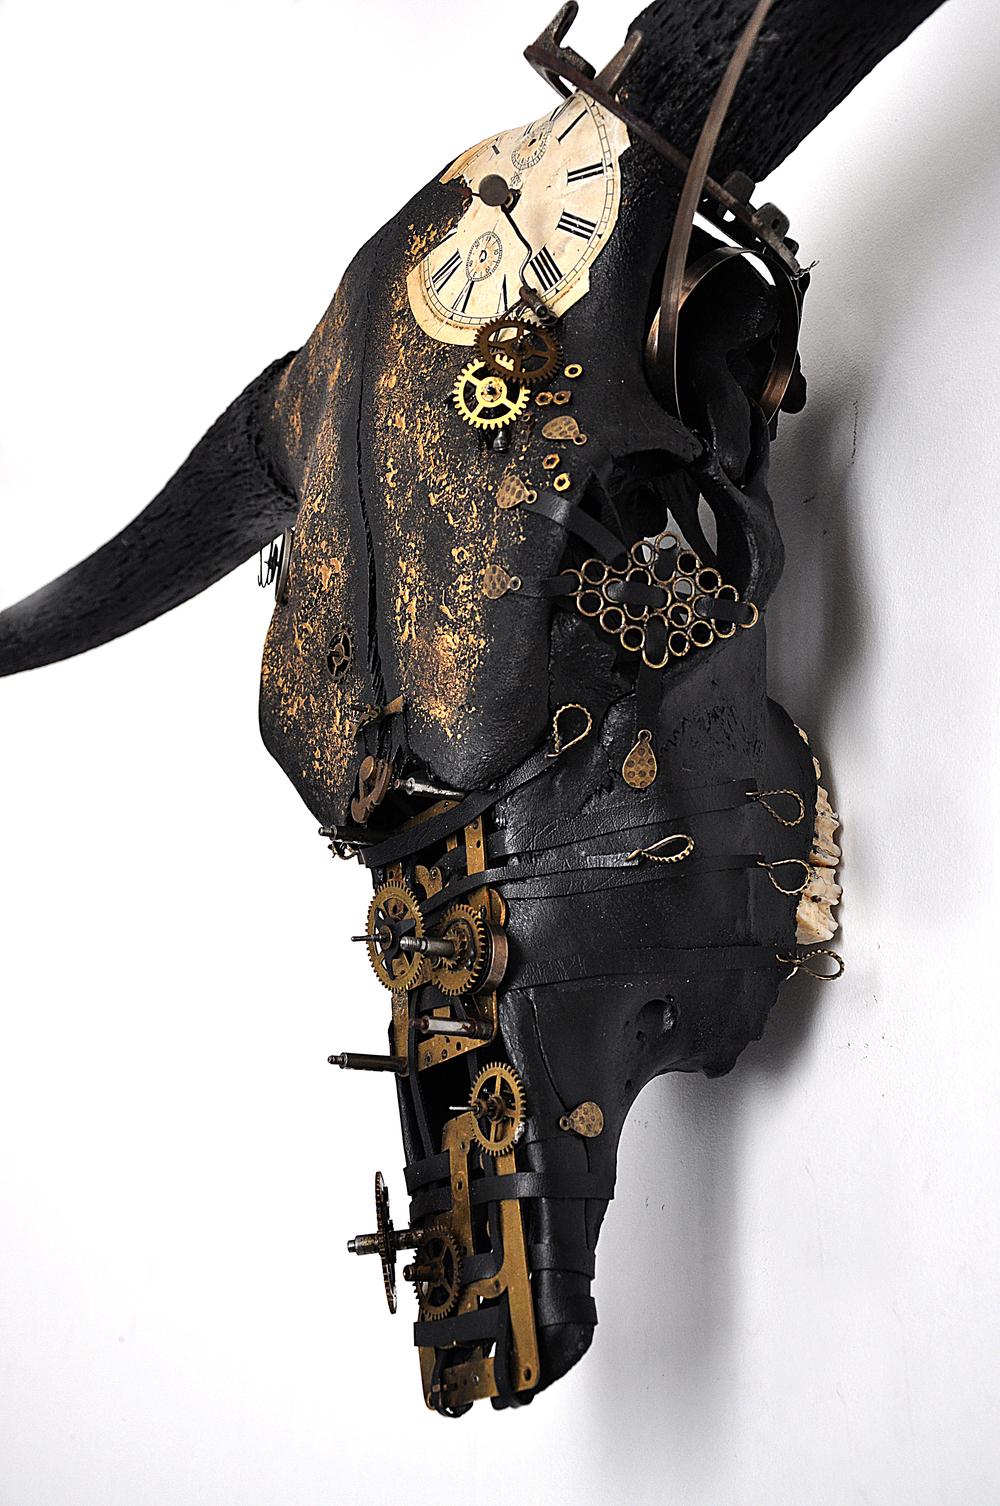 petra-shara-stoor-skull-art-kronhan-3.JPG